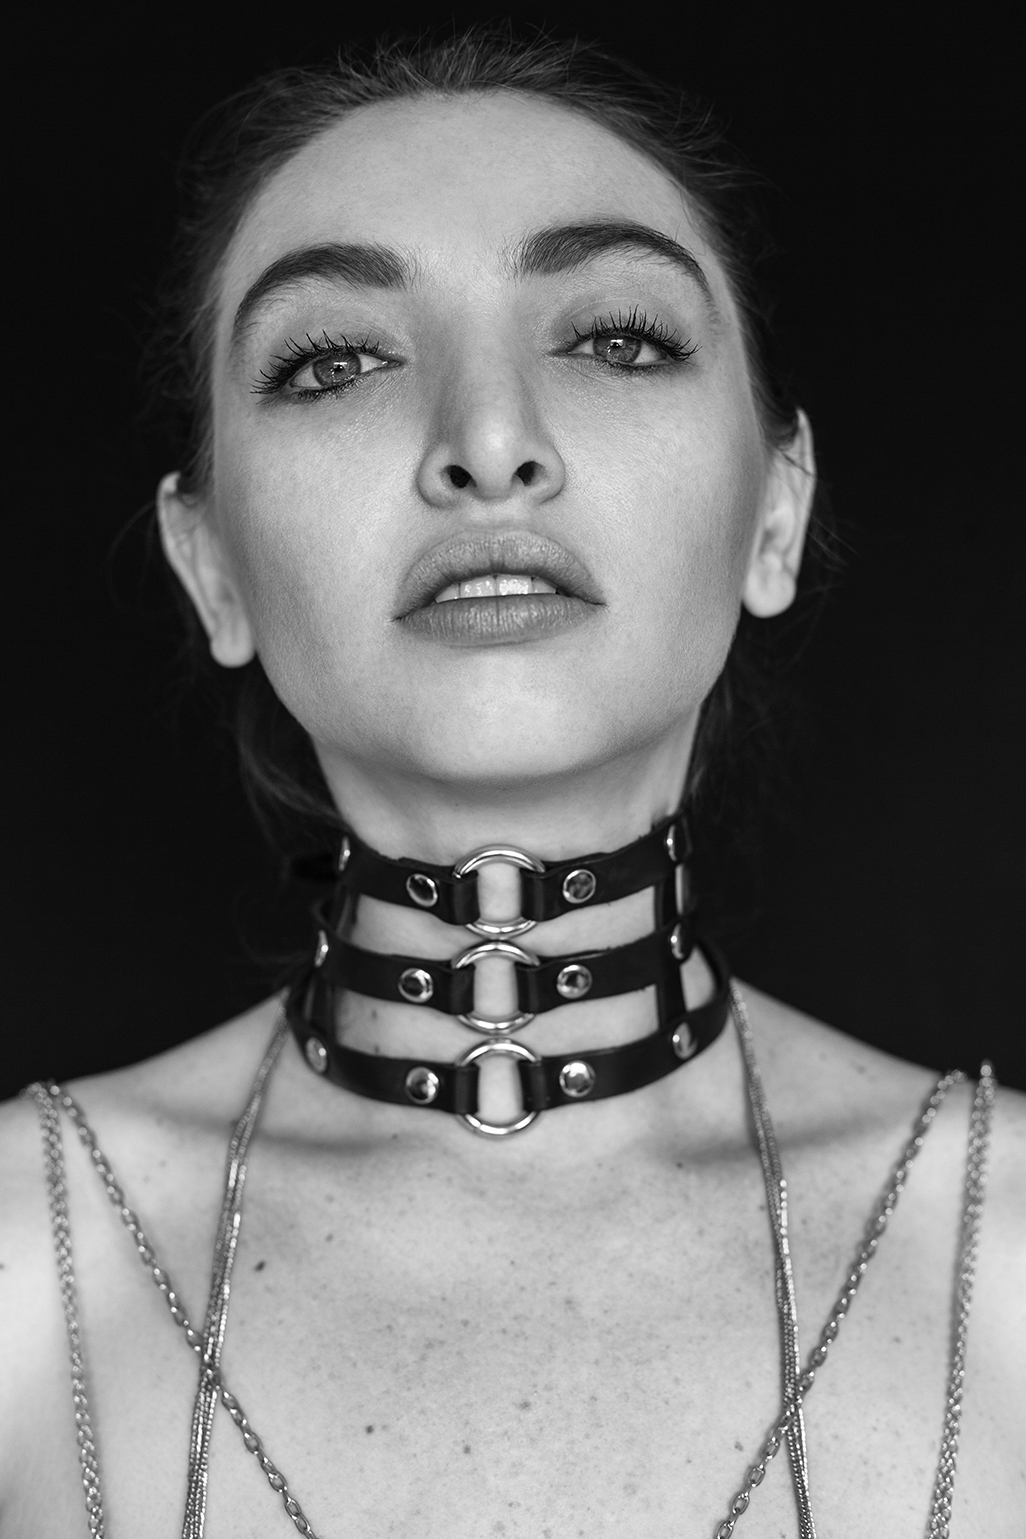 Pamela Fogaca